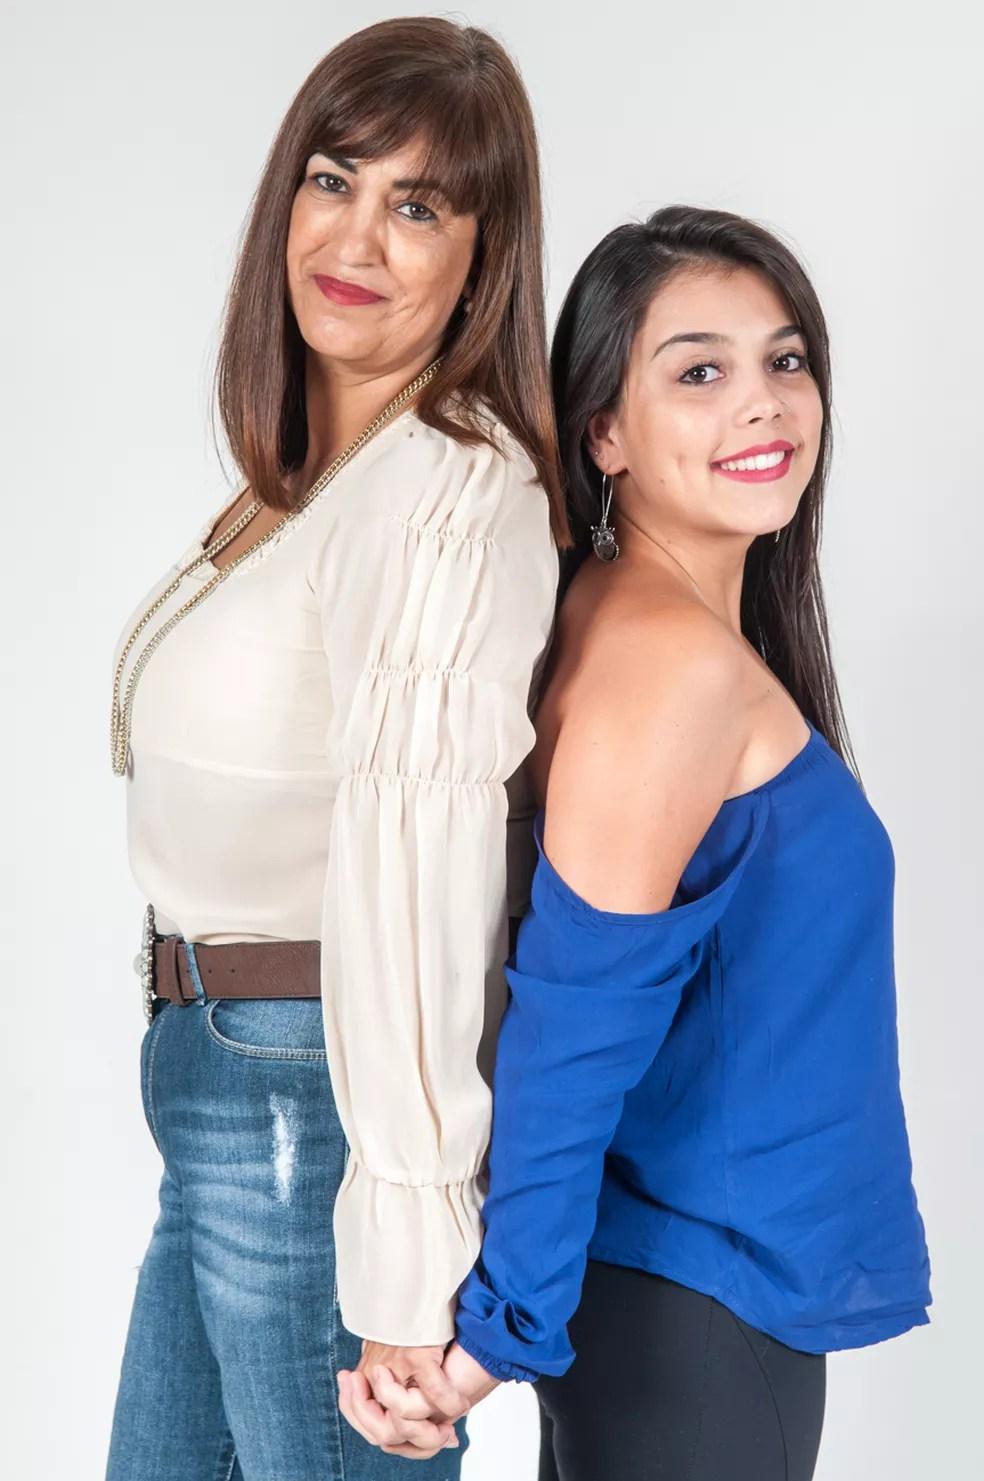 Jeane Pereira de Lima Collaço adotou a filha Roseane Botto quando ela tinha 12 anos  (Foto: Alexandre Maciel/Arquivo Pessoal)